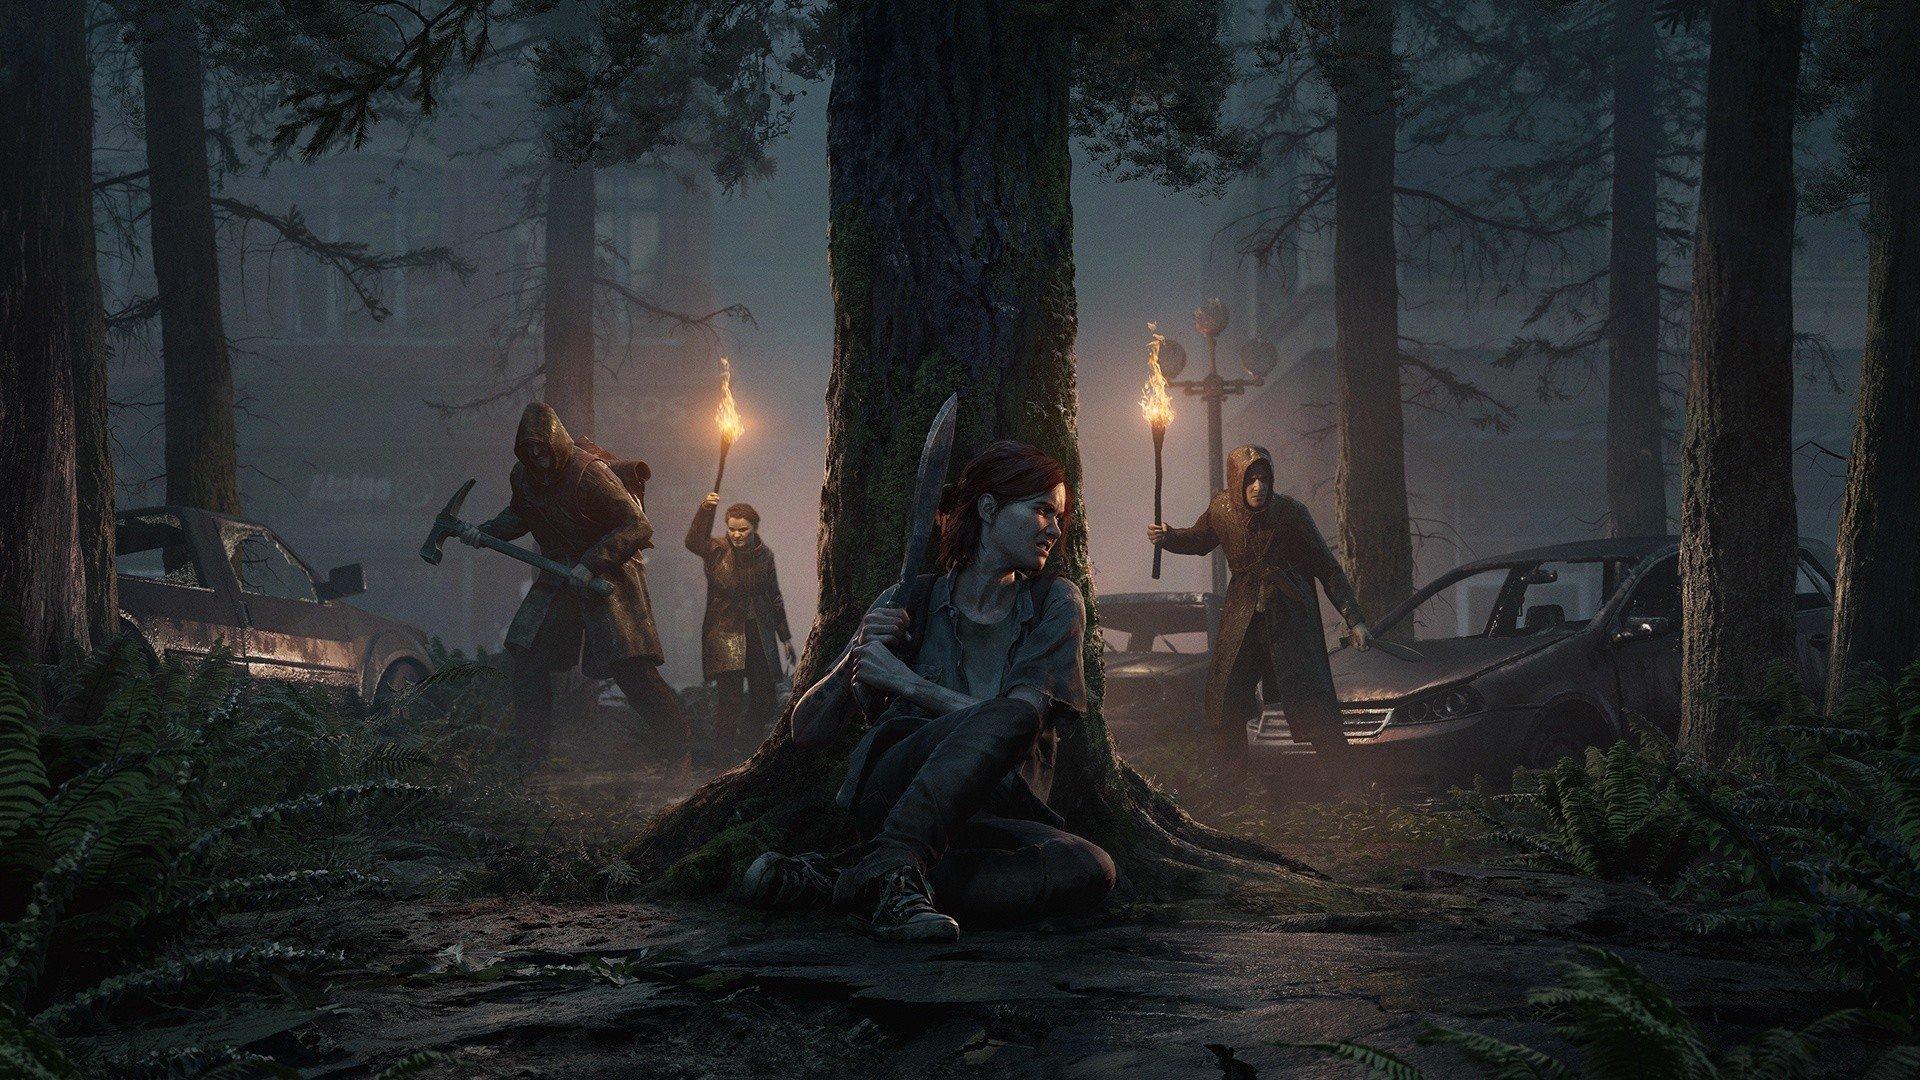 Топ10 лучших игр 2020 года The Last of Us Cyberpunk 2077 и другие